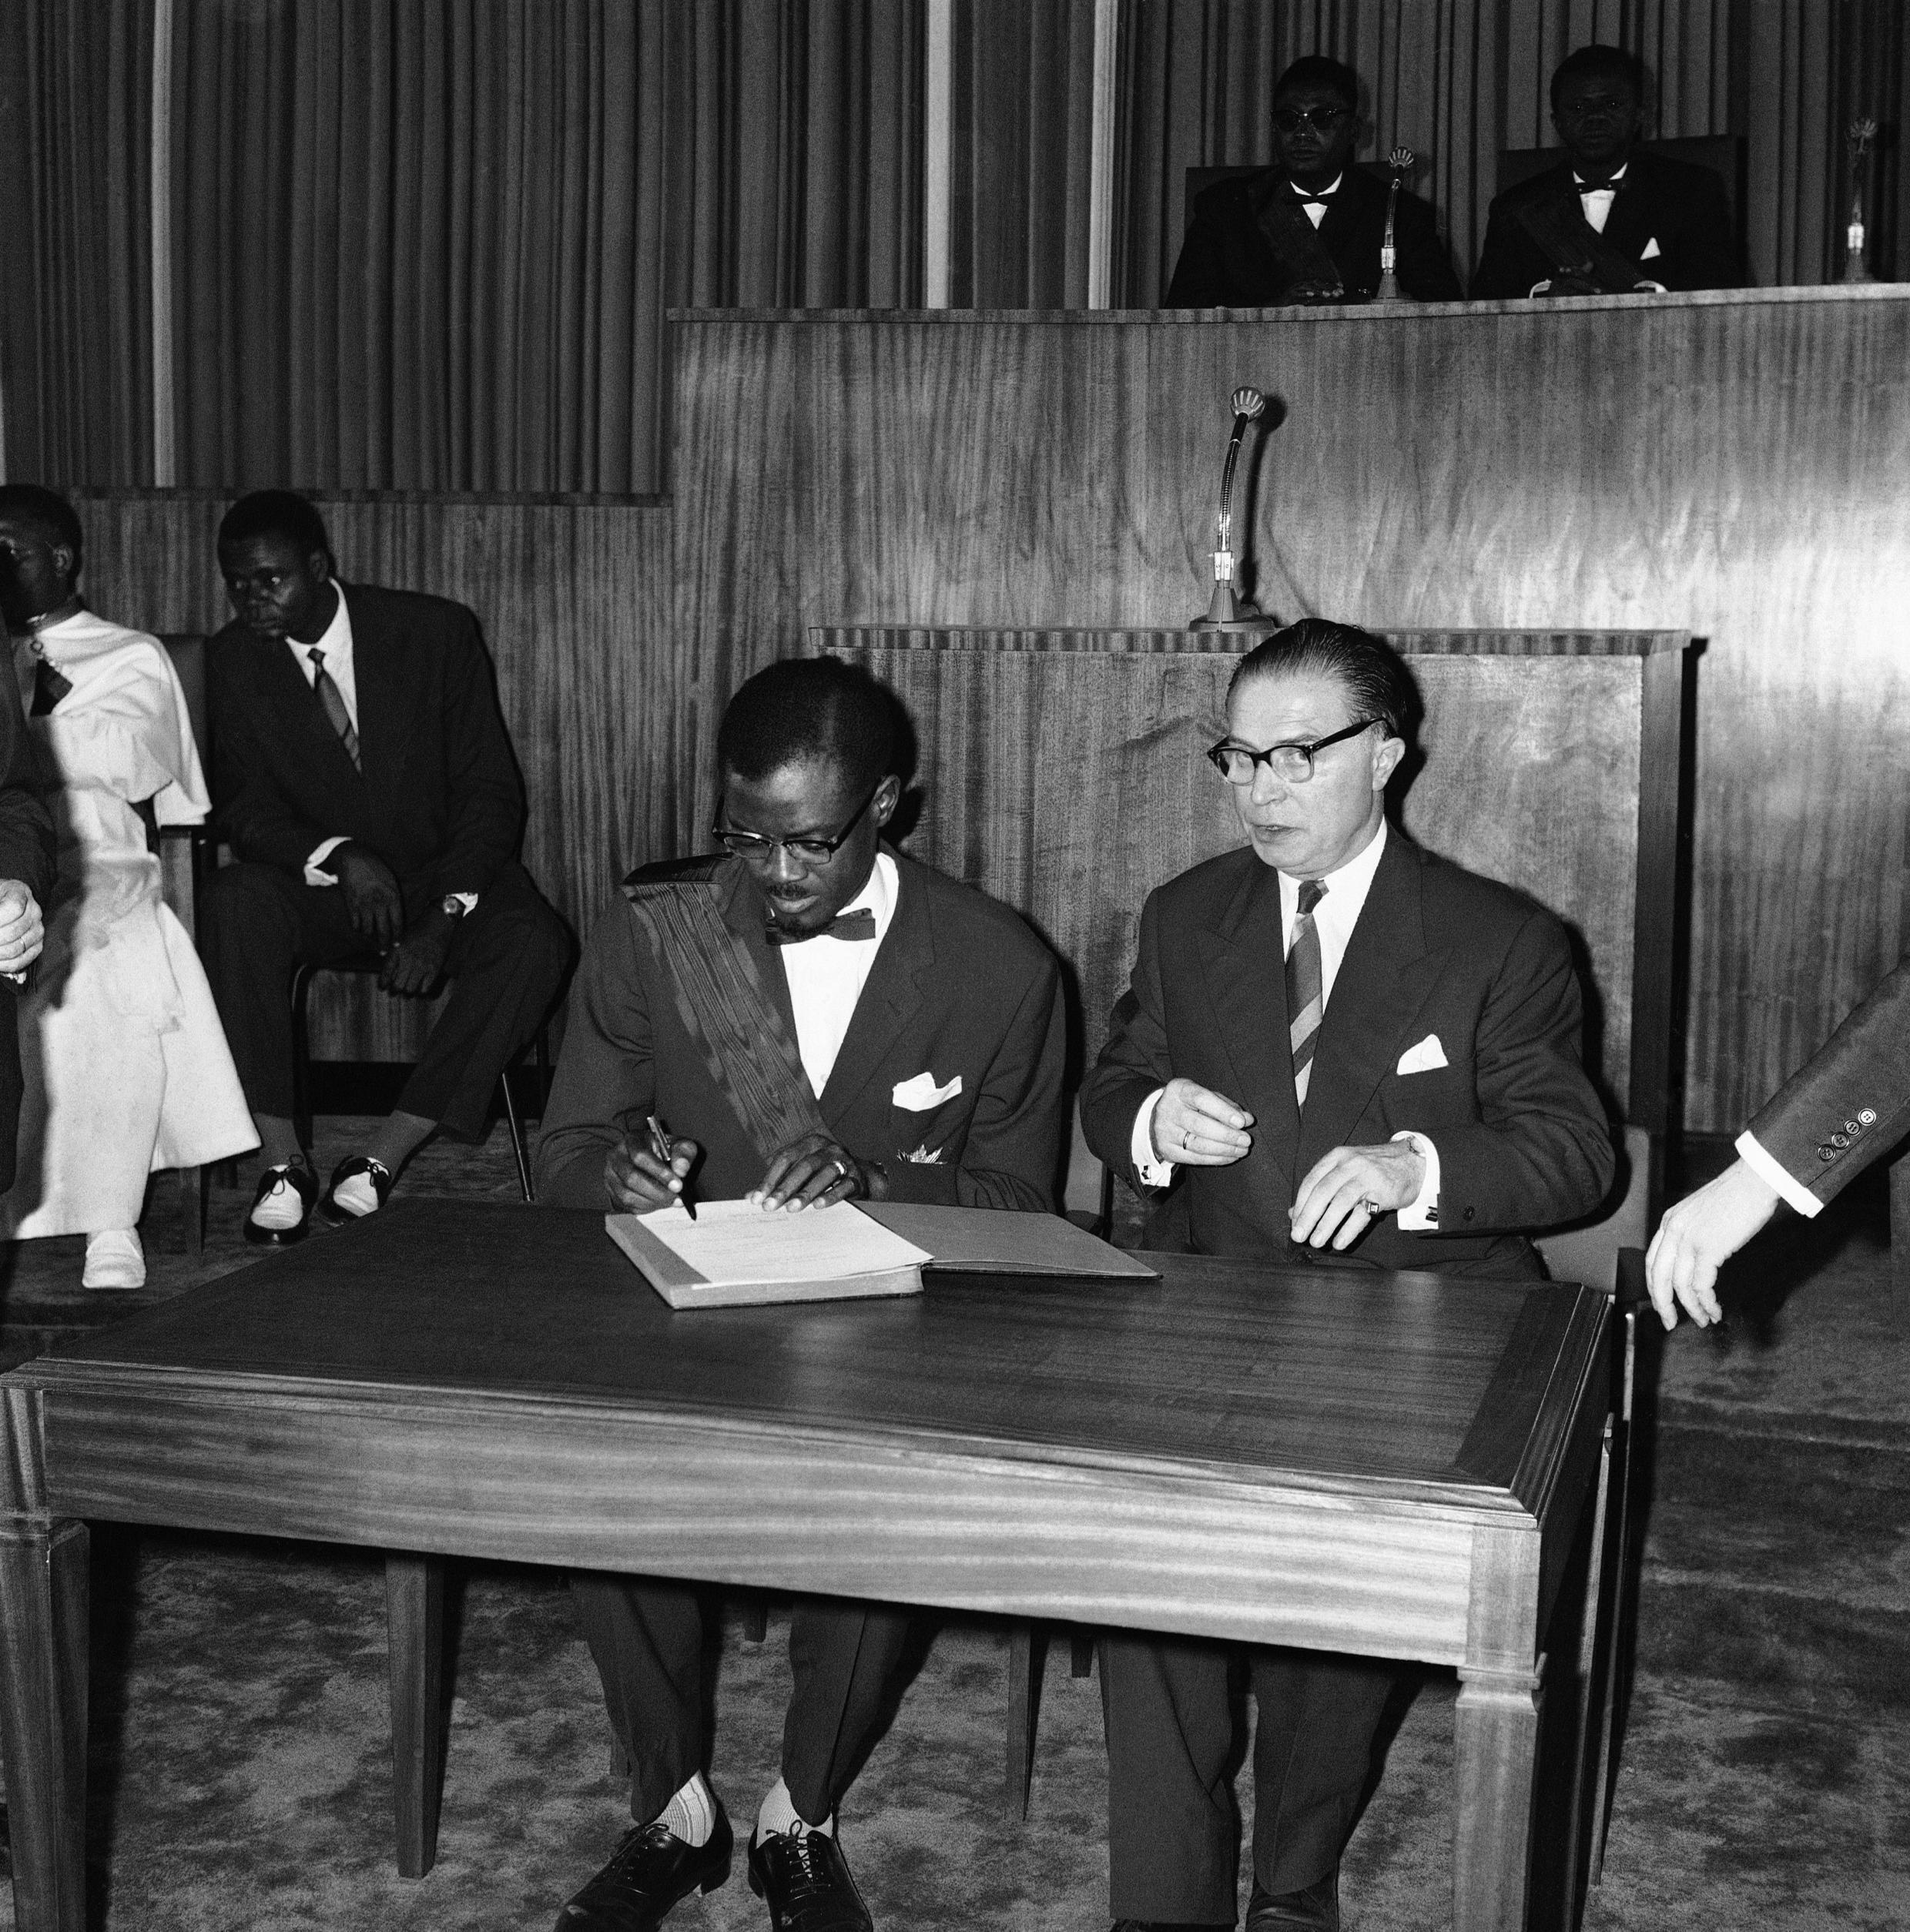 Le Premier ministre congolais Patrice Lumumba et son homologue belge Gaston Eyskens, le 30 juin 1960.